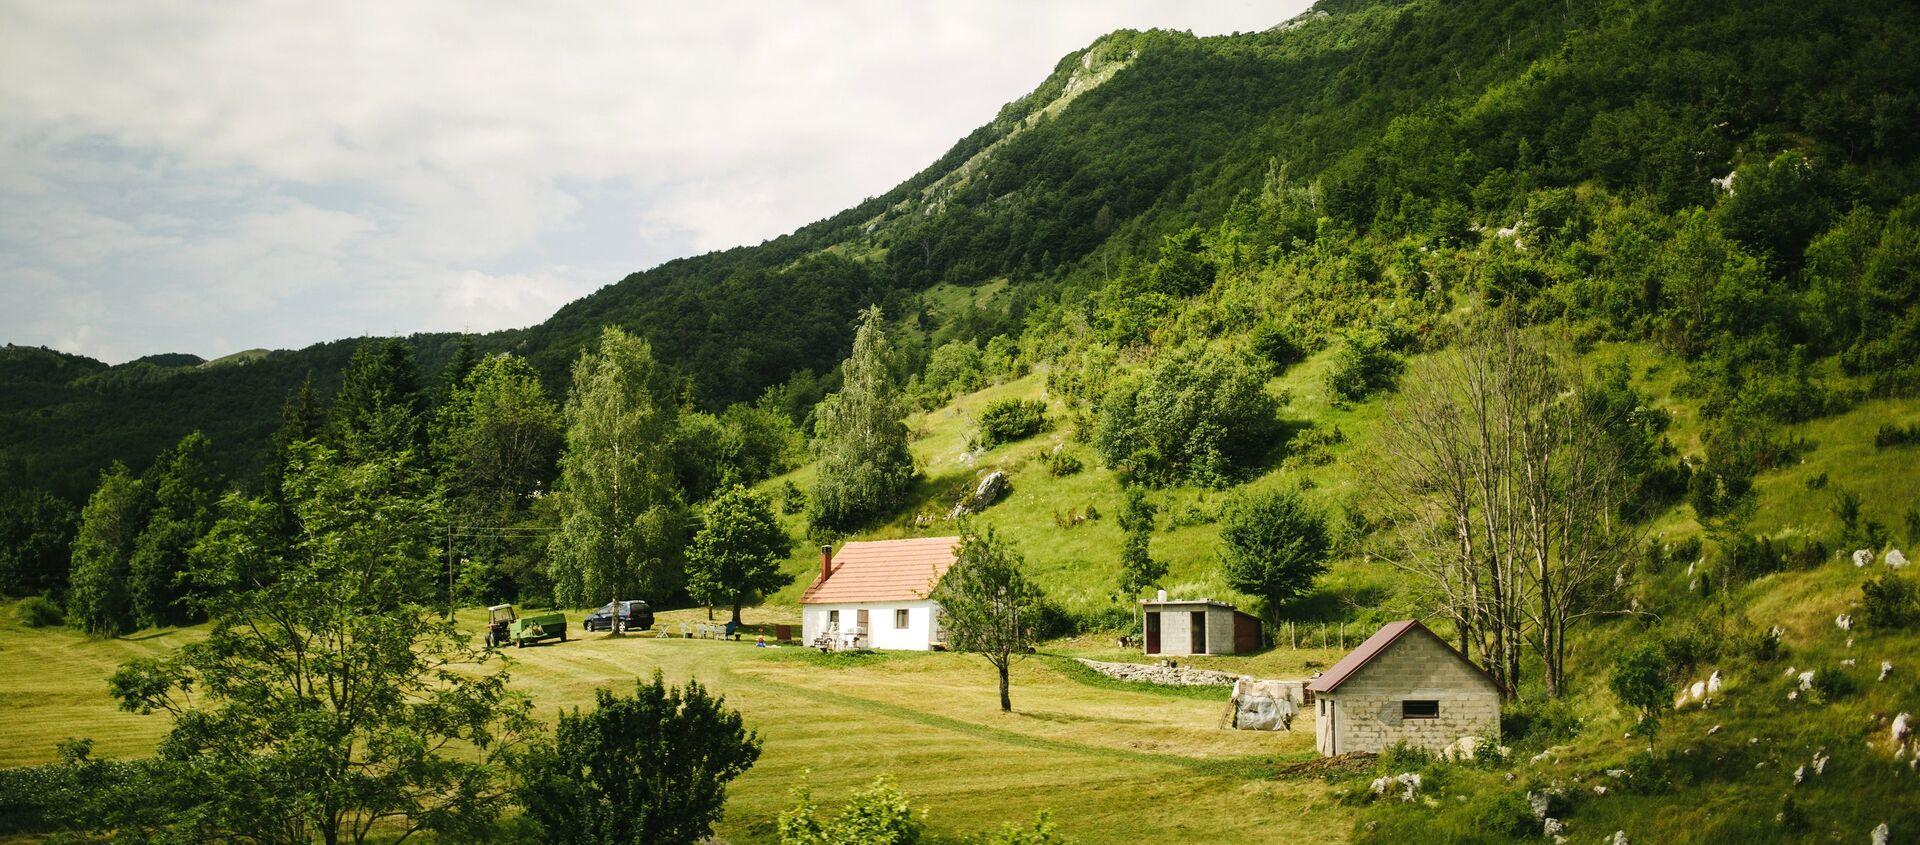 Село - Sputnik Србија, 1920, 28.06.2021